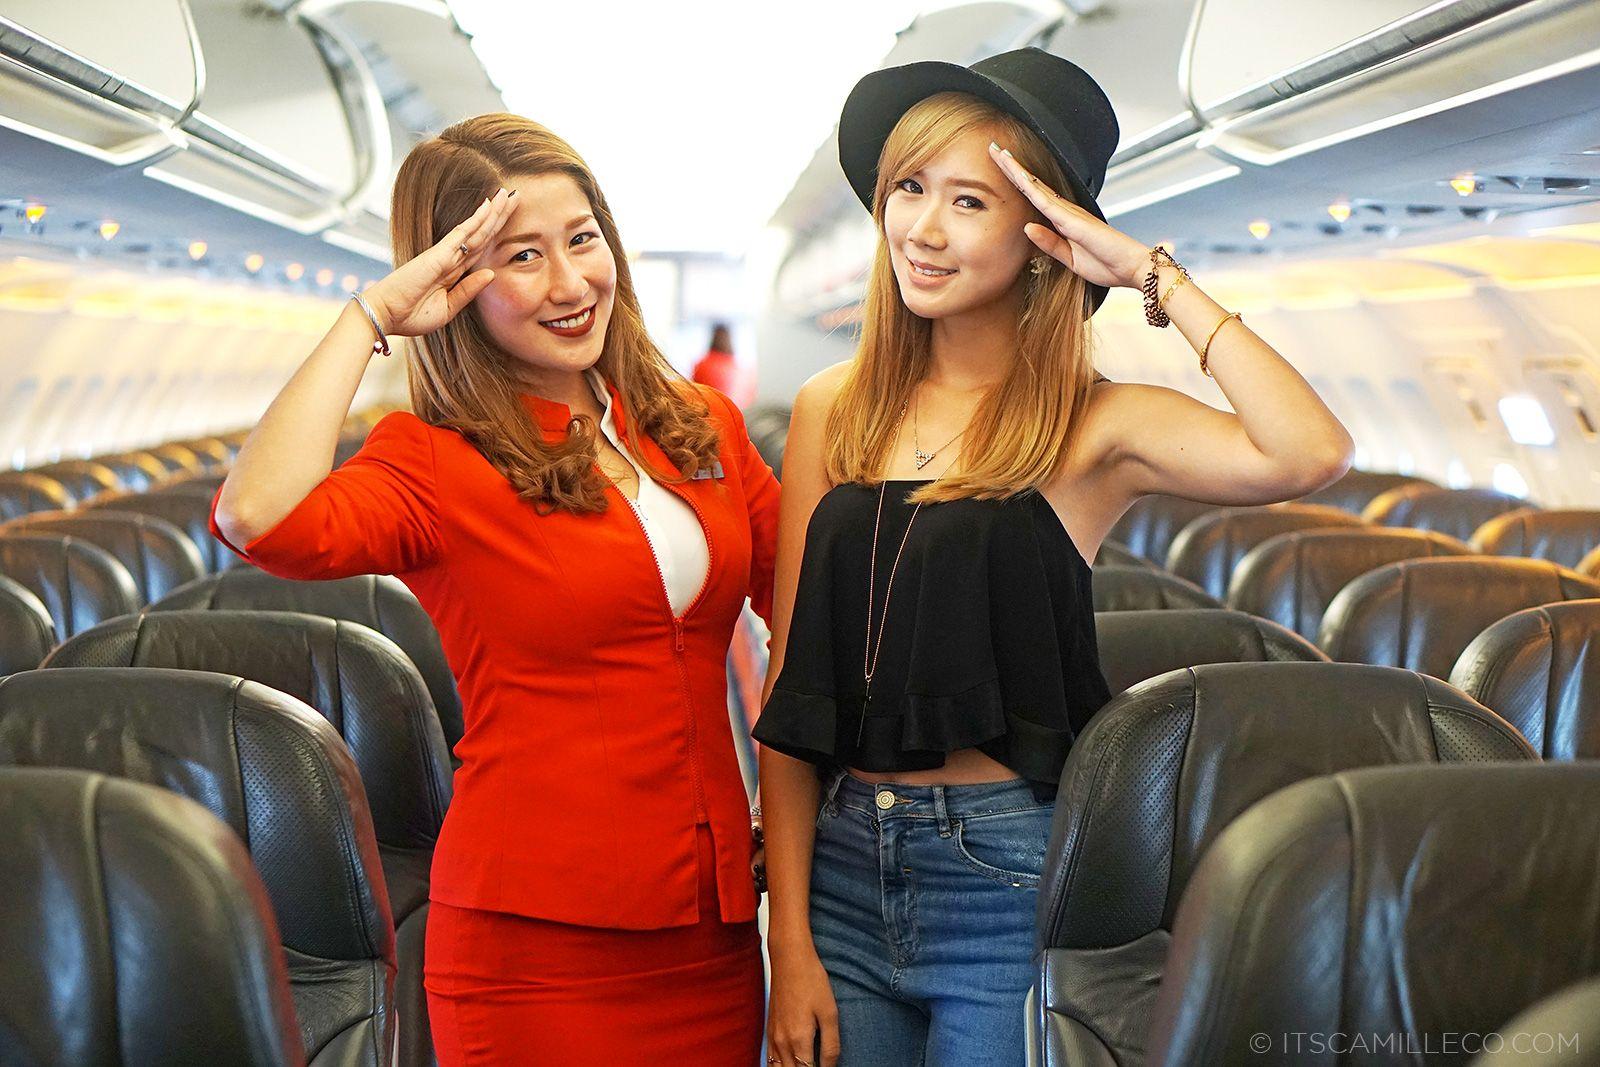 Air Asia Flight To Korea | itscamilleco.com